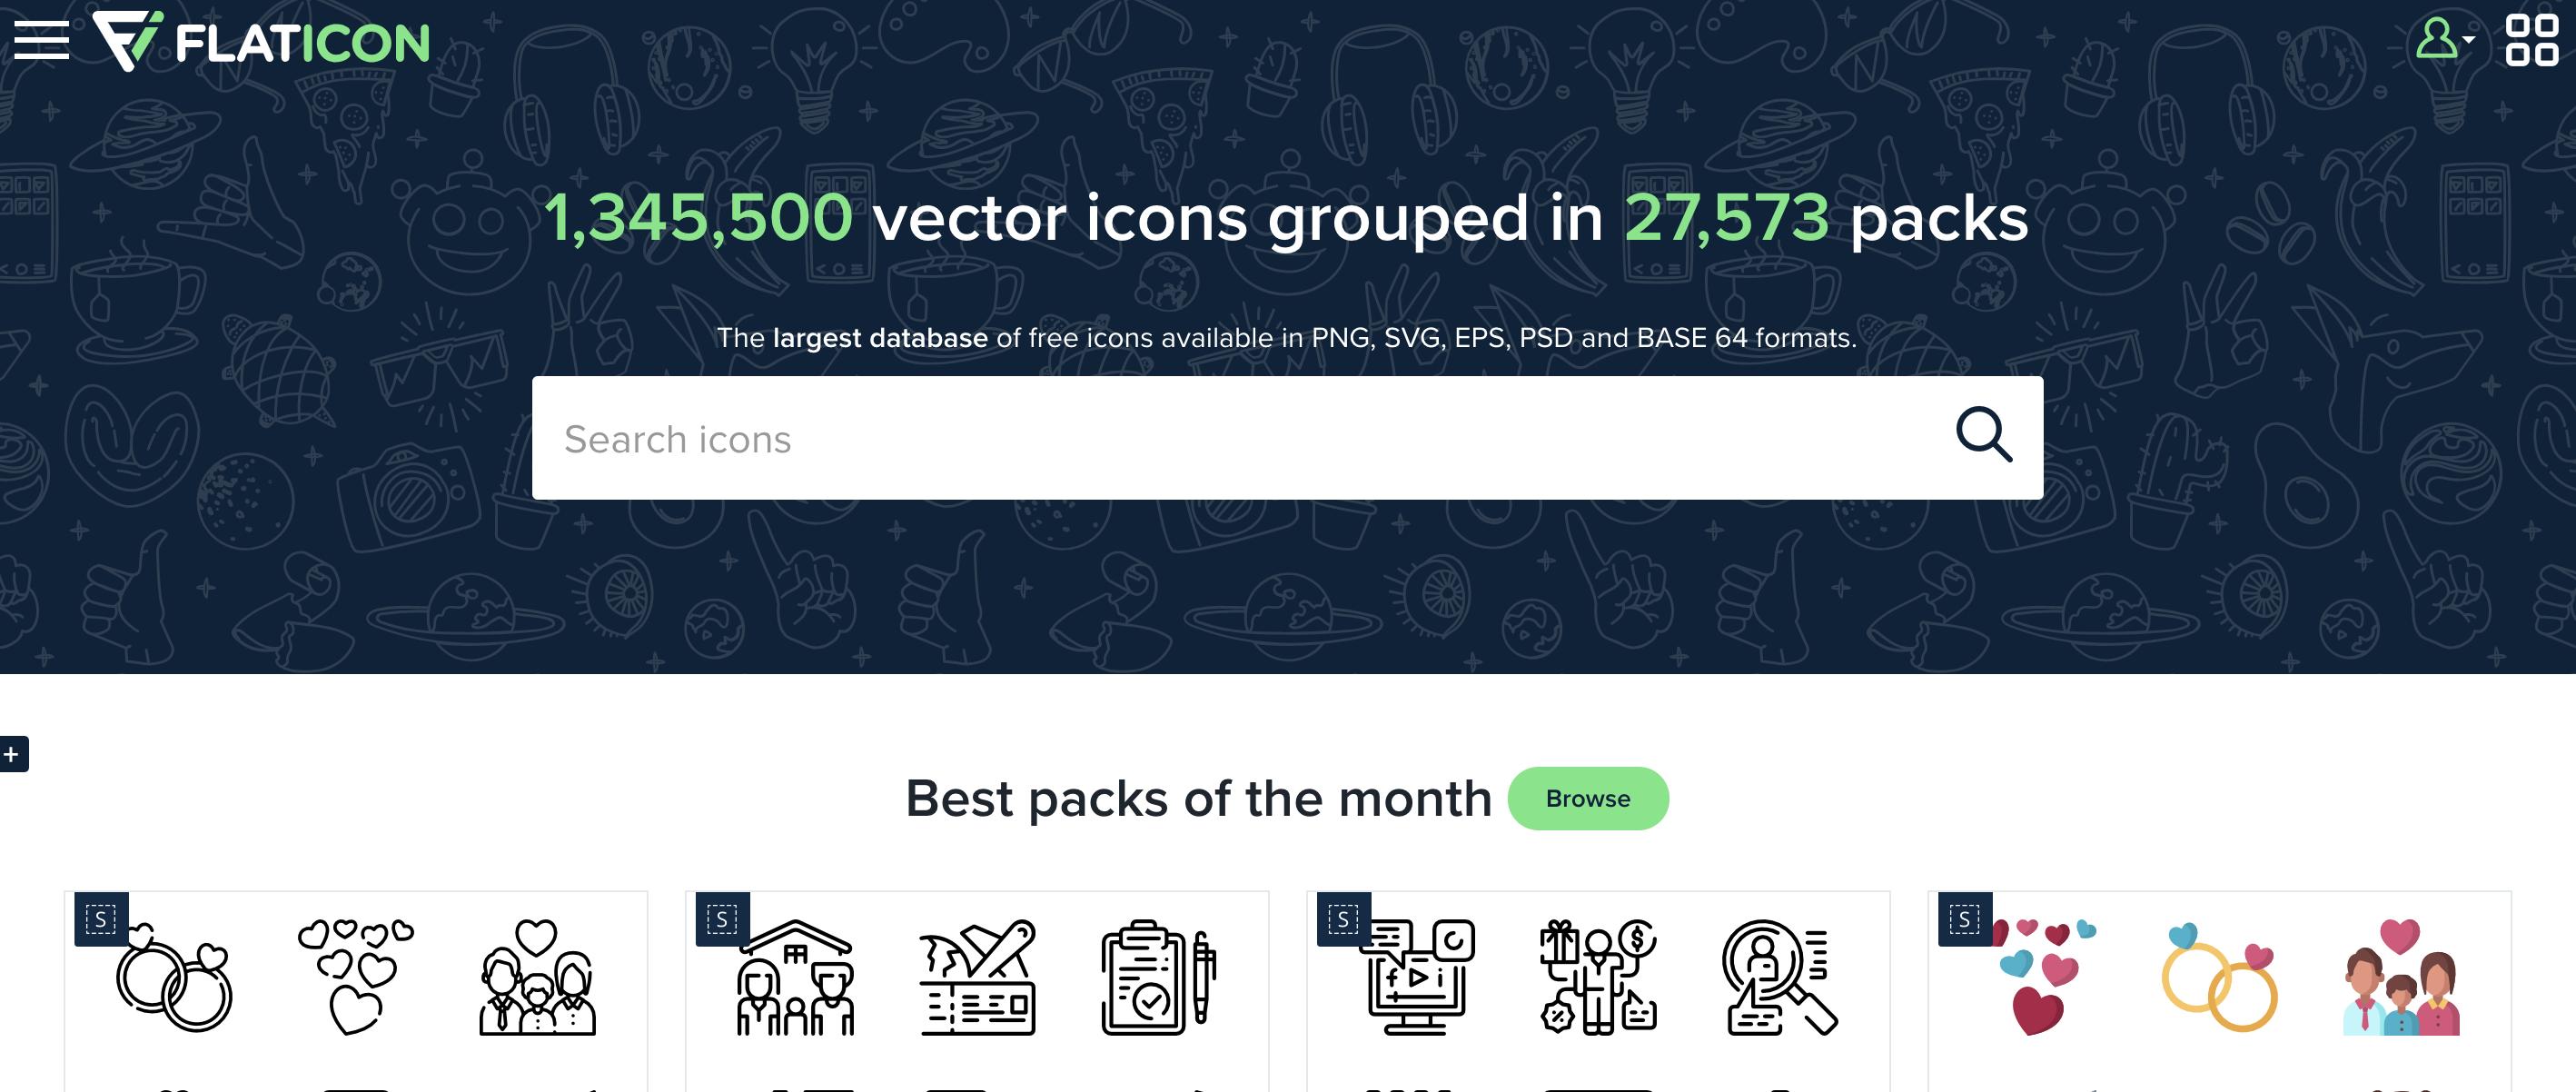 網路行銷工具:製圖工具FLATICON